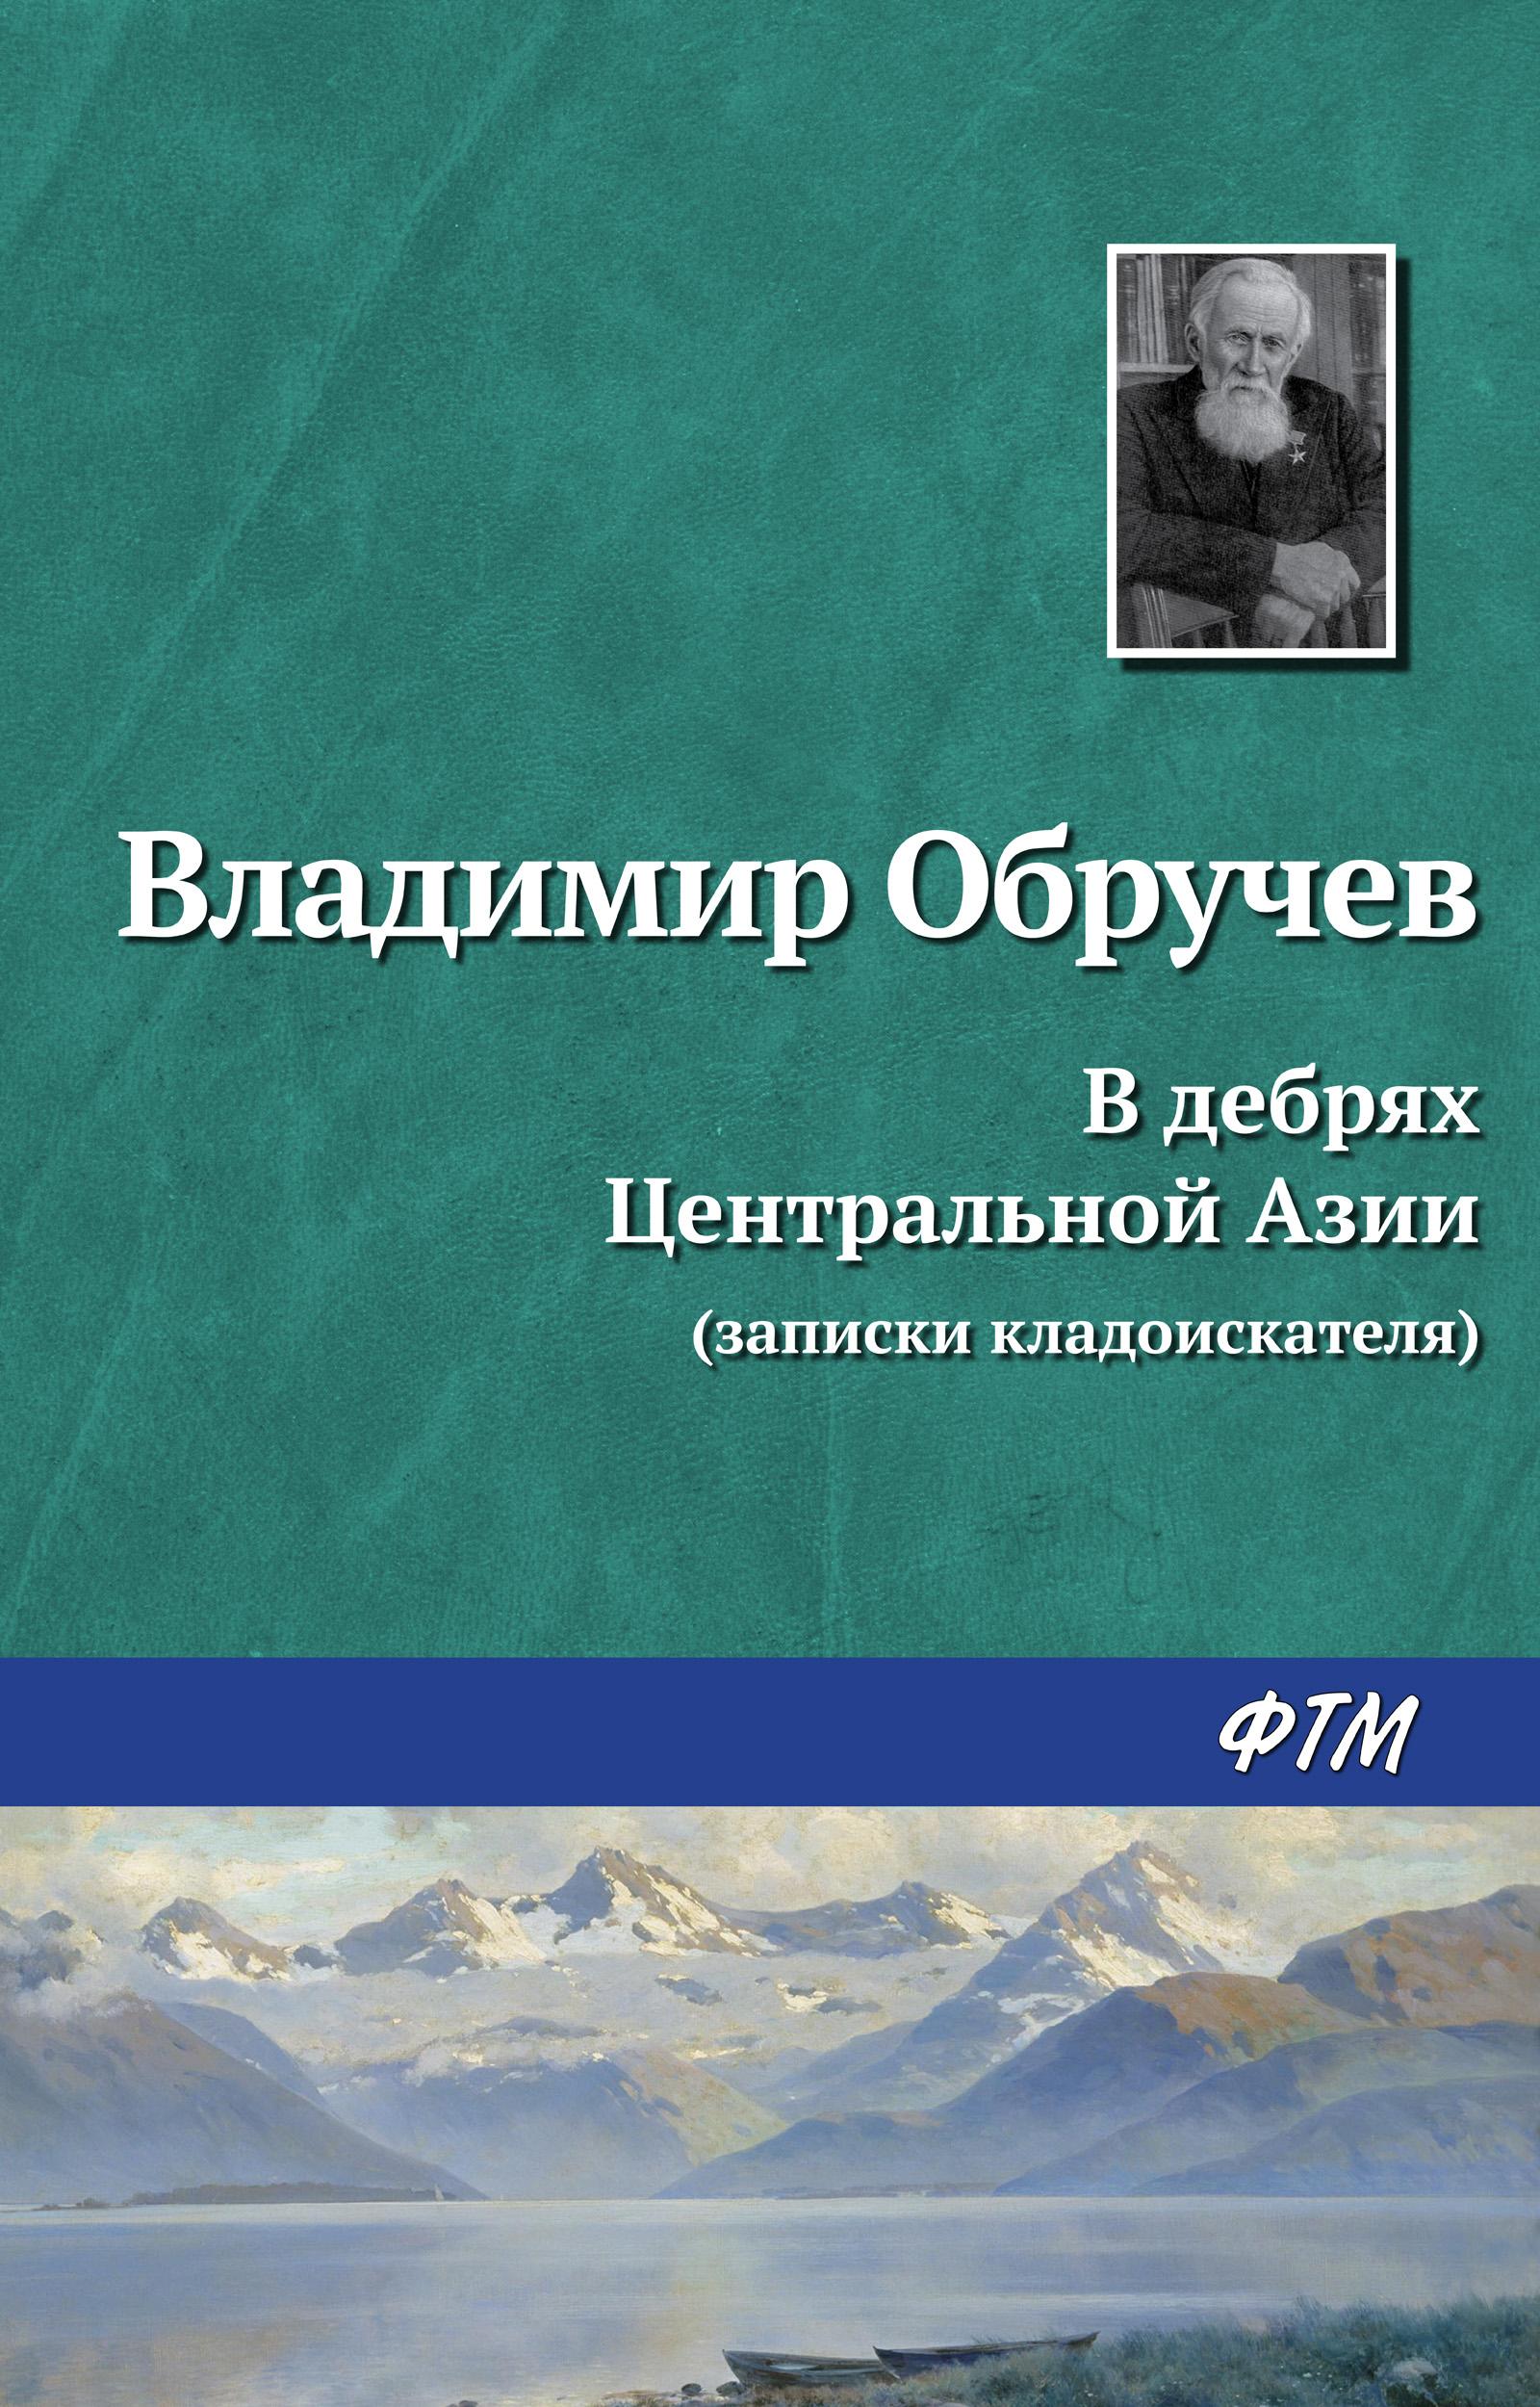 Владимир Обручев В дебрях Центральной Азии (записки кладоискателя) рашид а талибан ислам нефть и новая большая игра в центральной азии